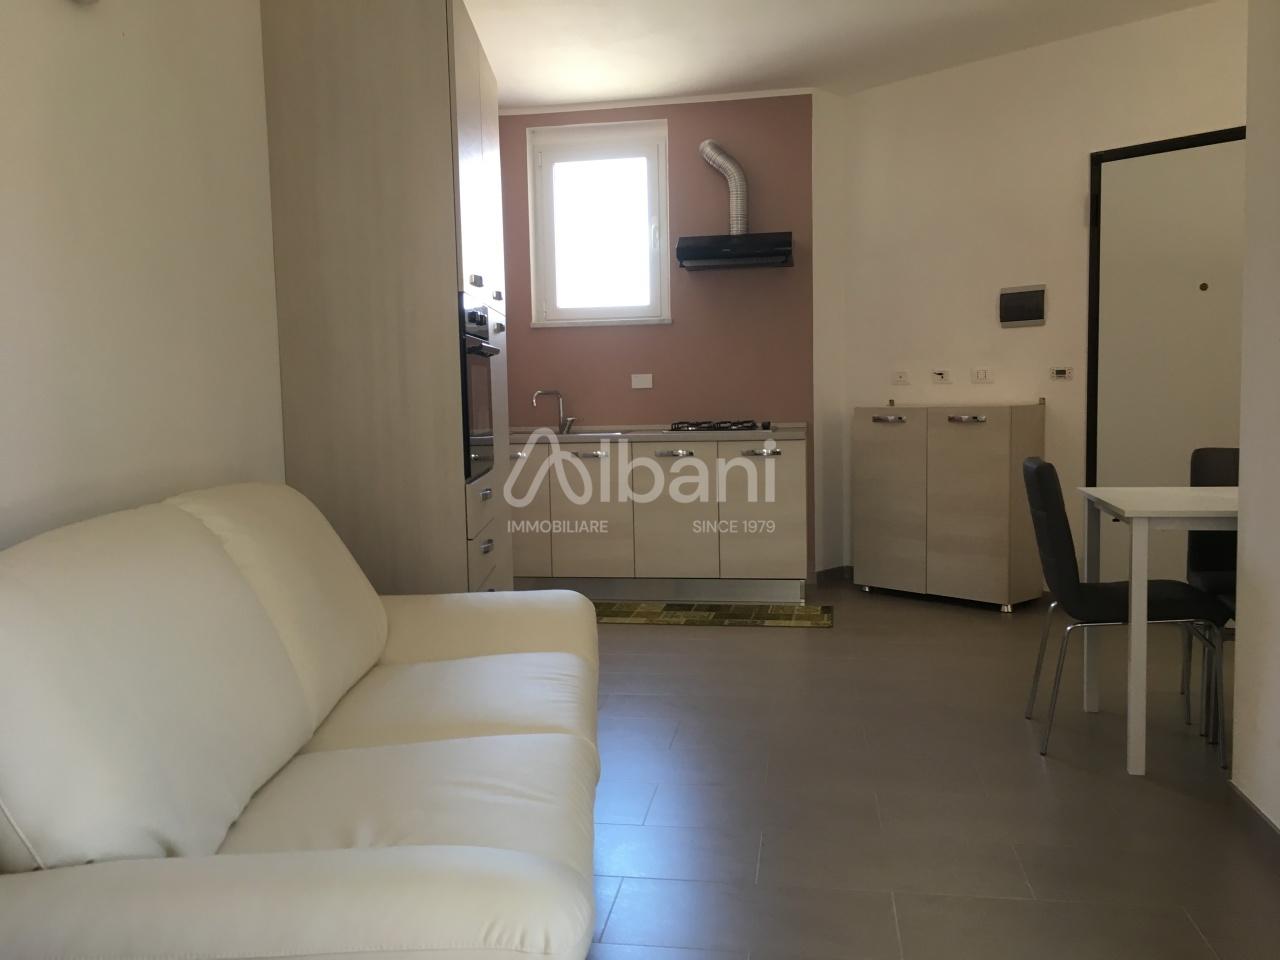 Appartamento a Acquasanta, La Spezia